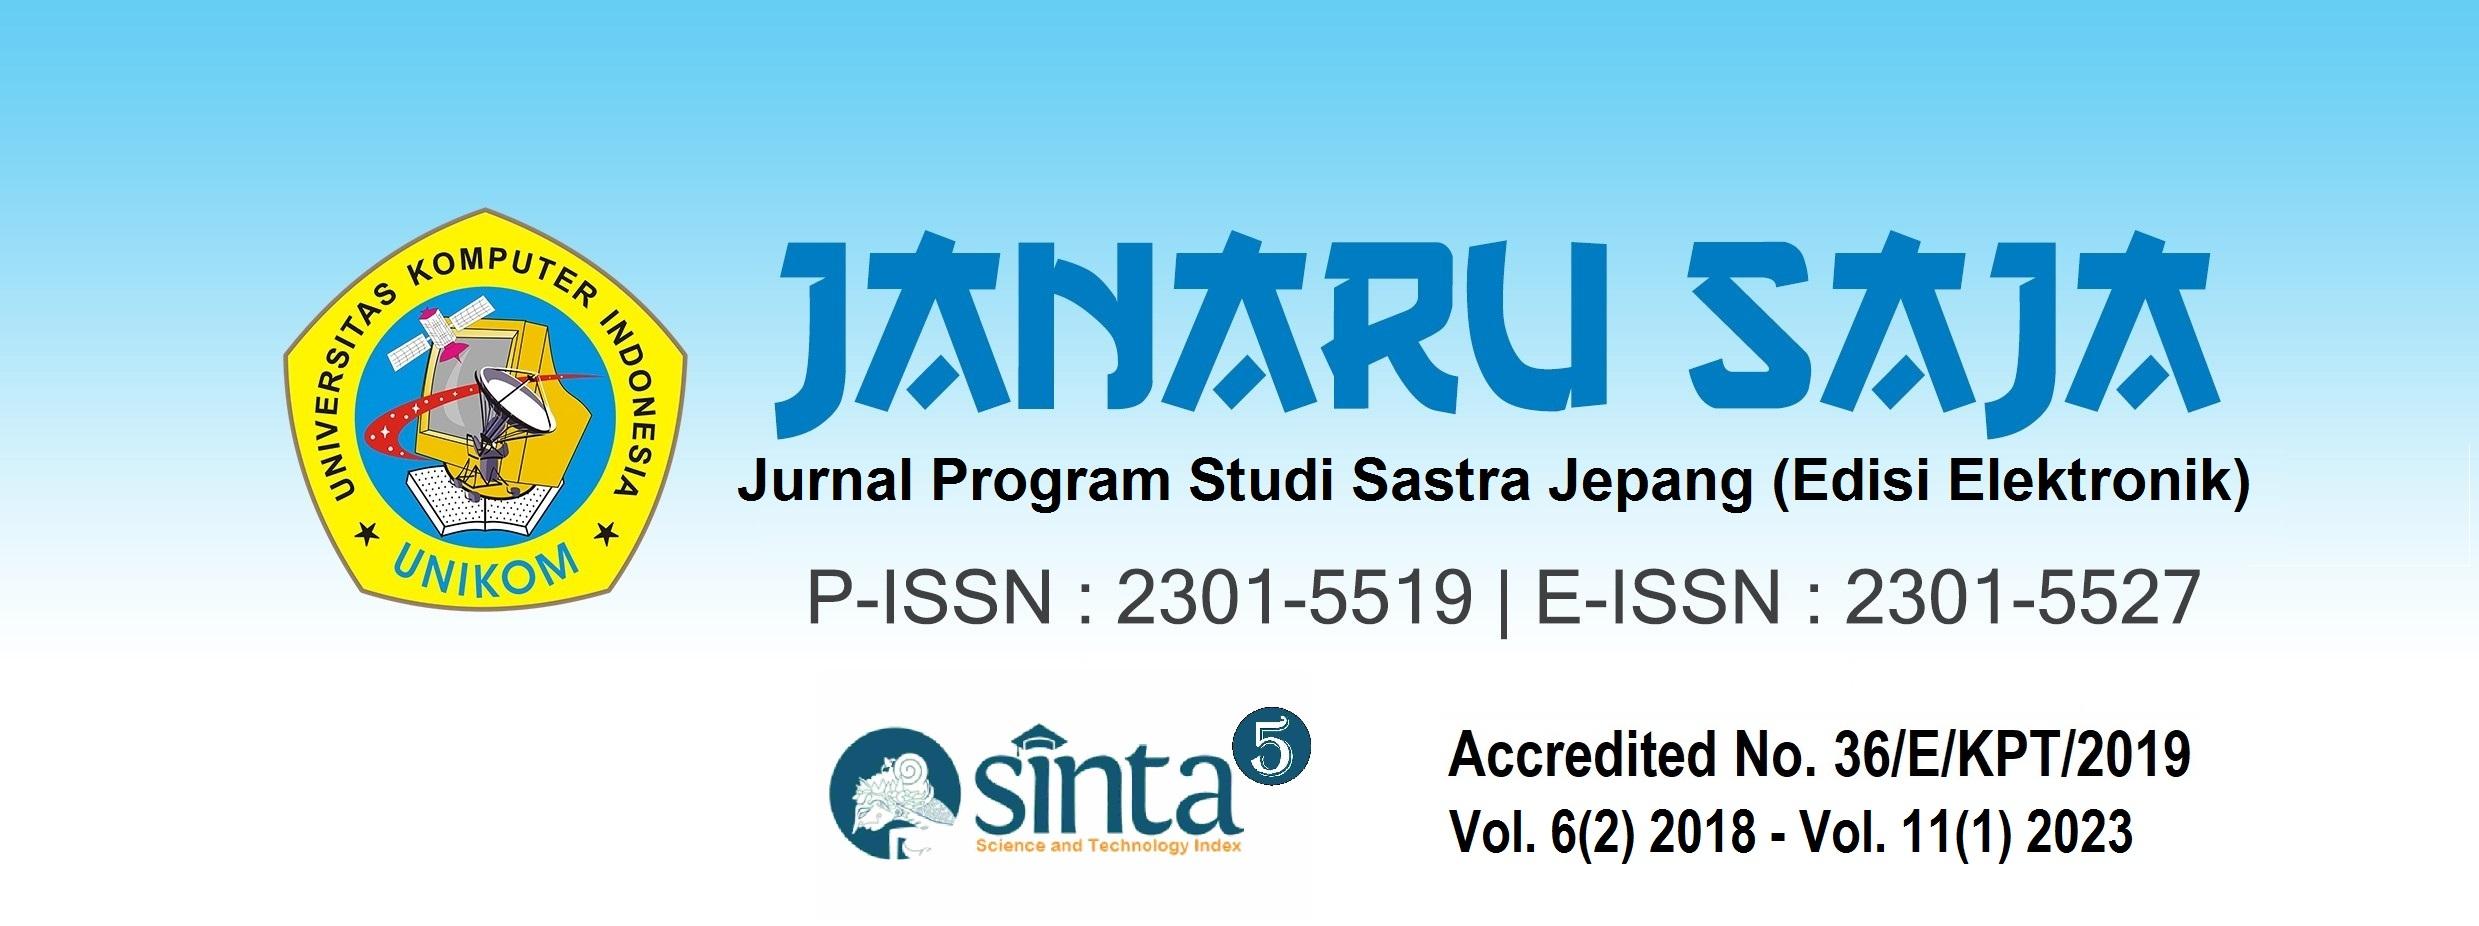 Janaru Saja : Jurnal Program Studi Sastra Jepang